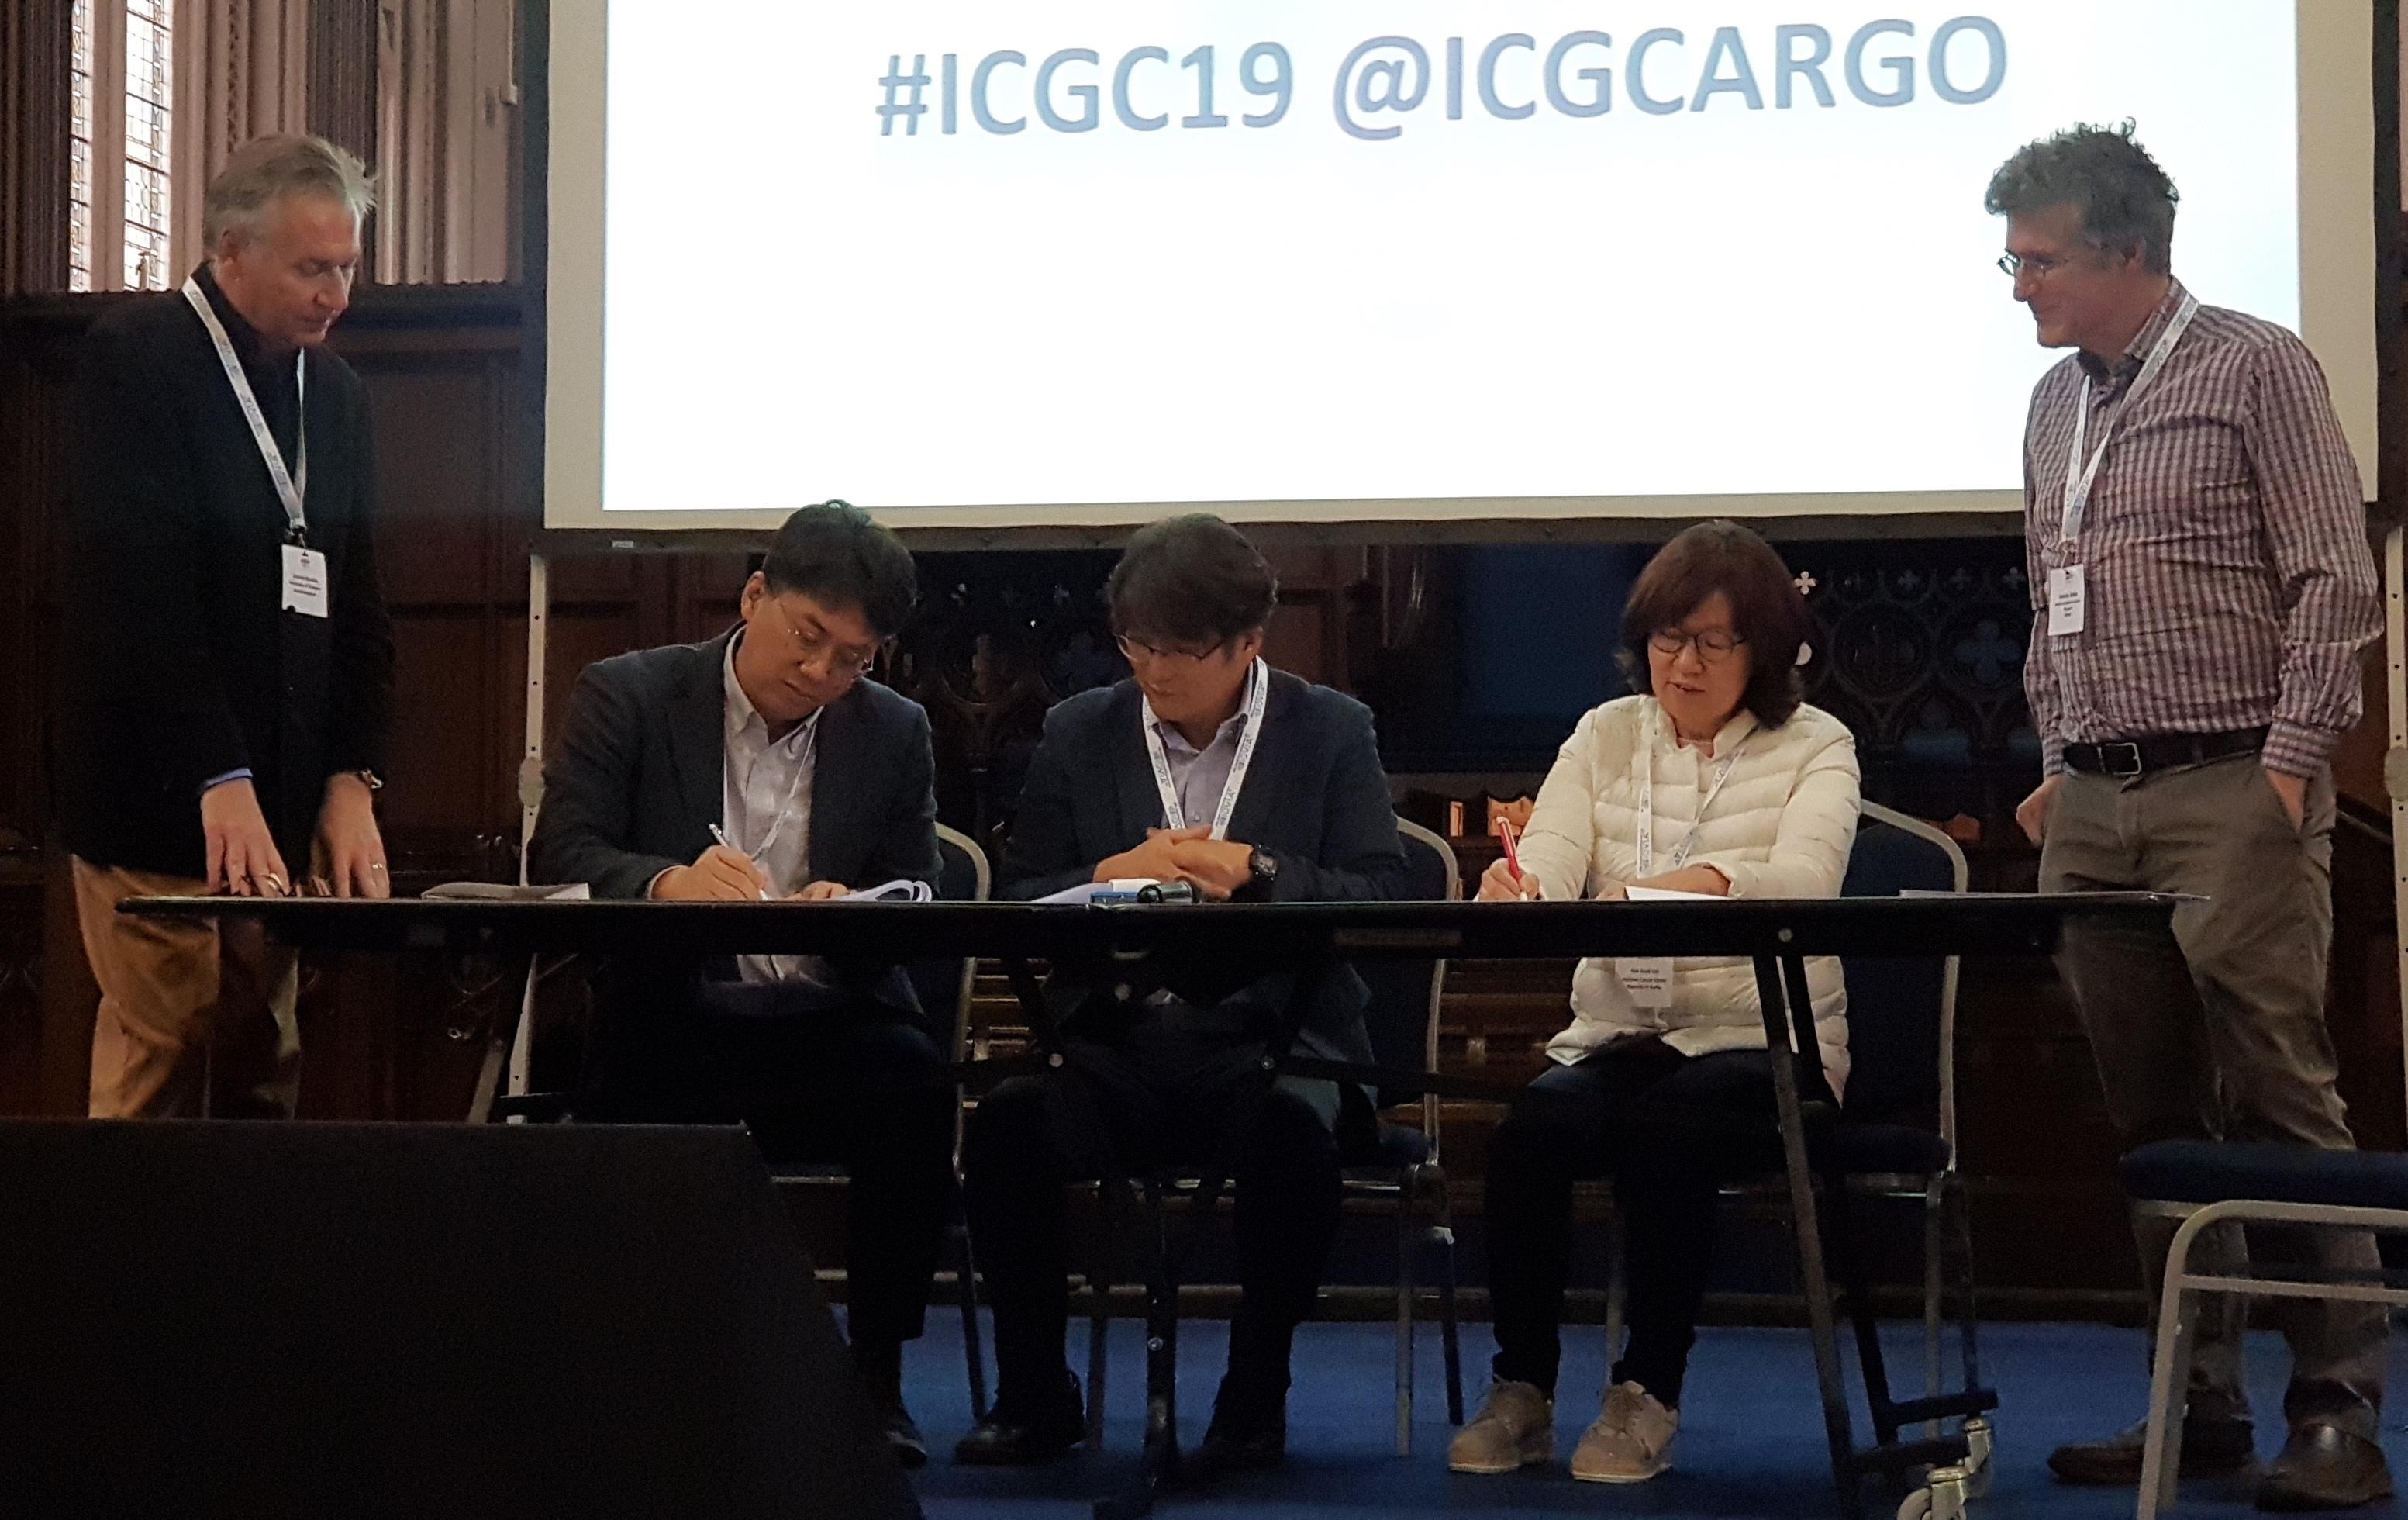 (왼쪽에서 두 번째부터) 서울대학교 김선 교수, KISTI 염민선 슈퍼컴퓨팅응용센터장, 국립암센터 이은숙 원장 및 ICGC-ARGO 관계자가 참석한 가운데 ICGC-ARGO 지역데이터센터 유치 및 운영에 관한 양해각서에 서명하고 있다.